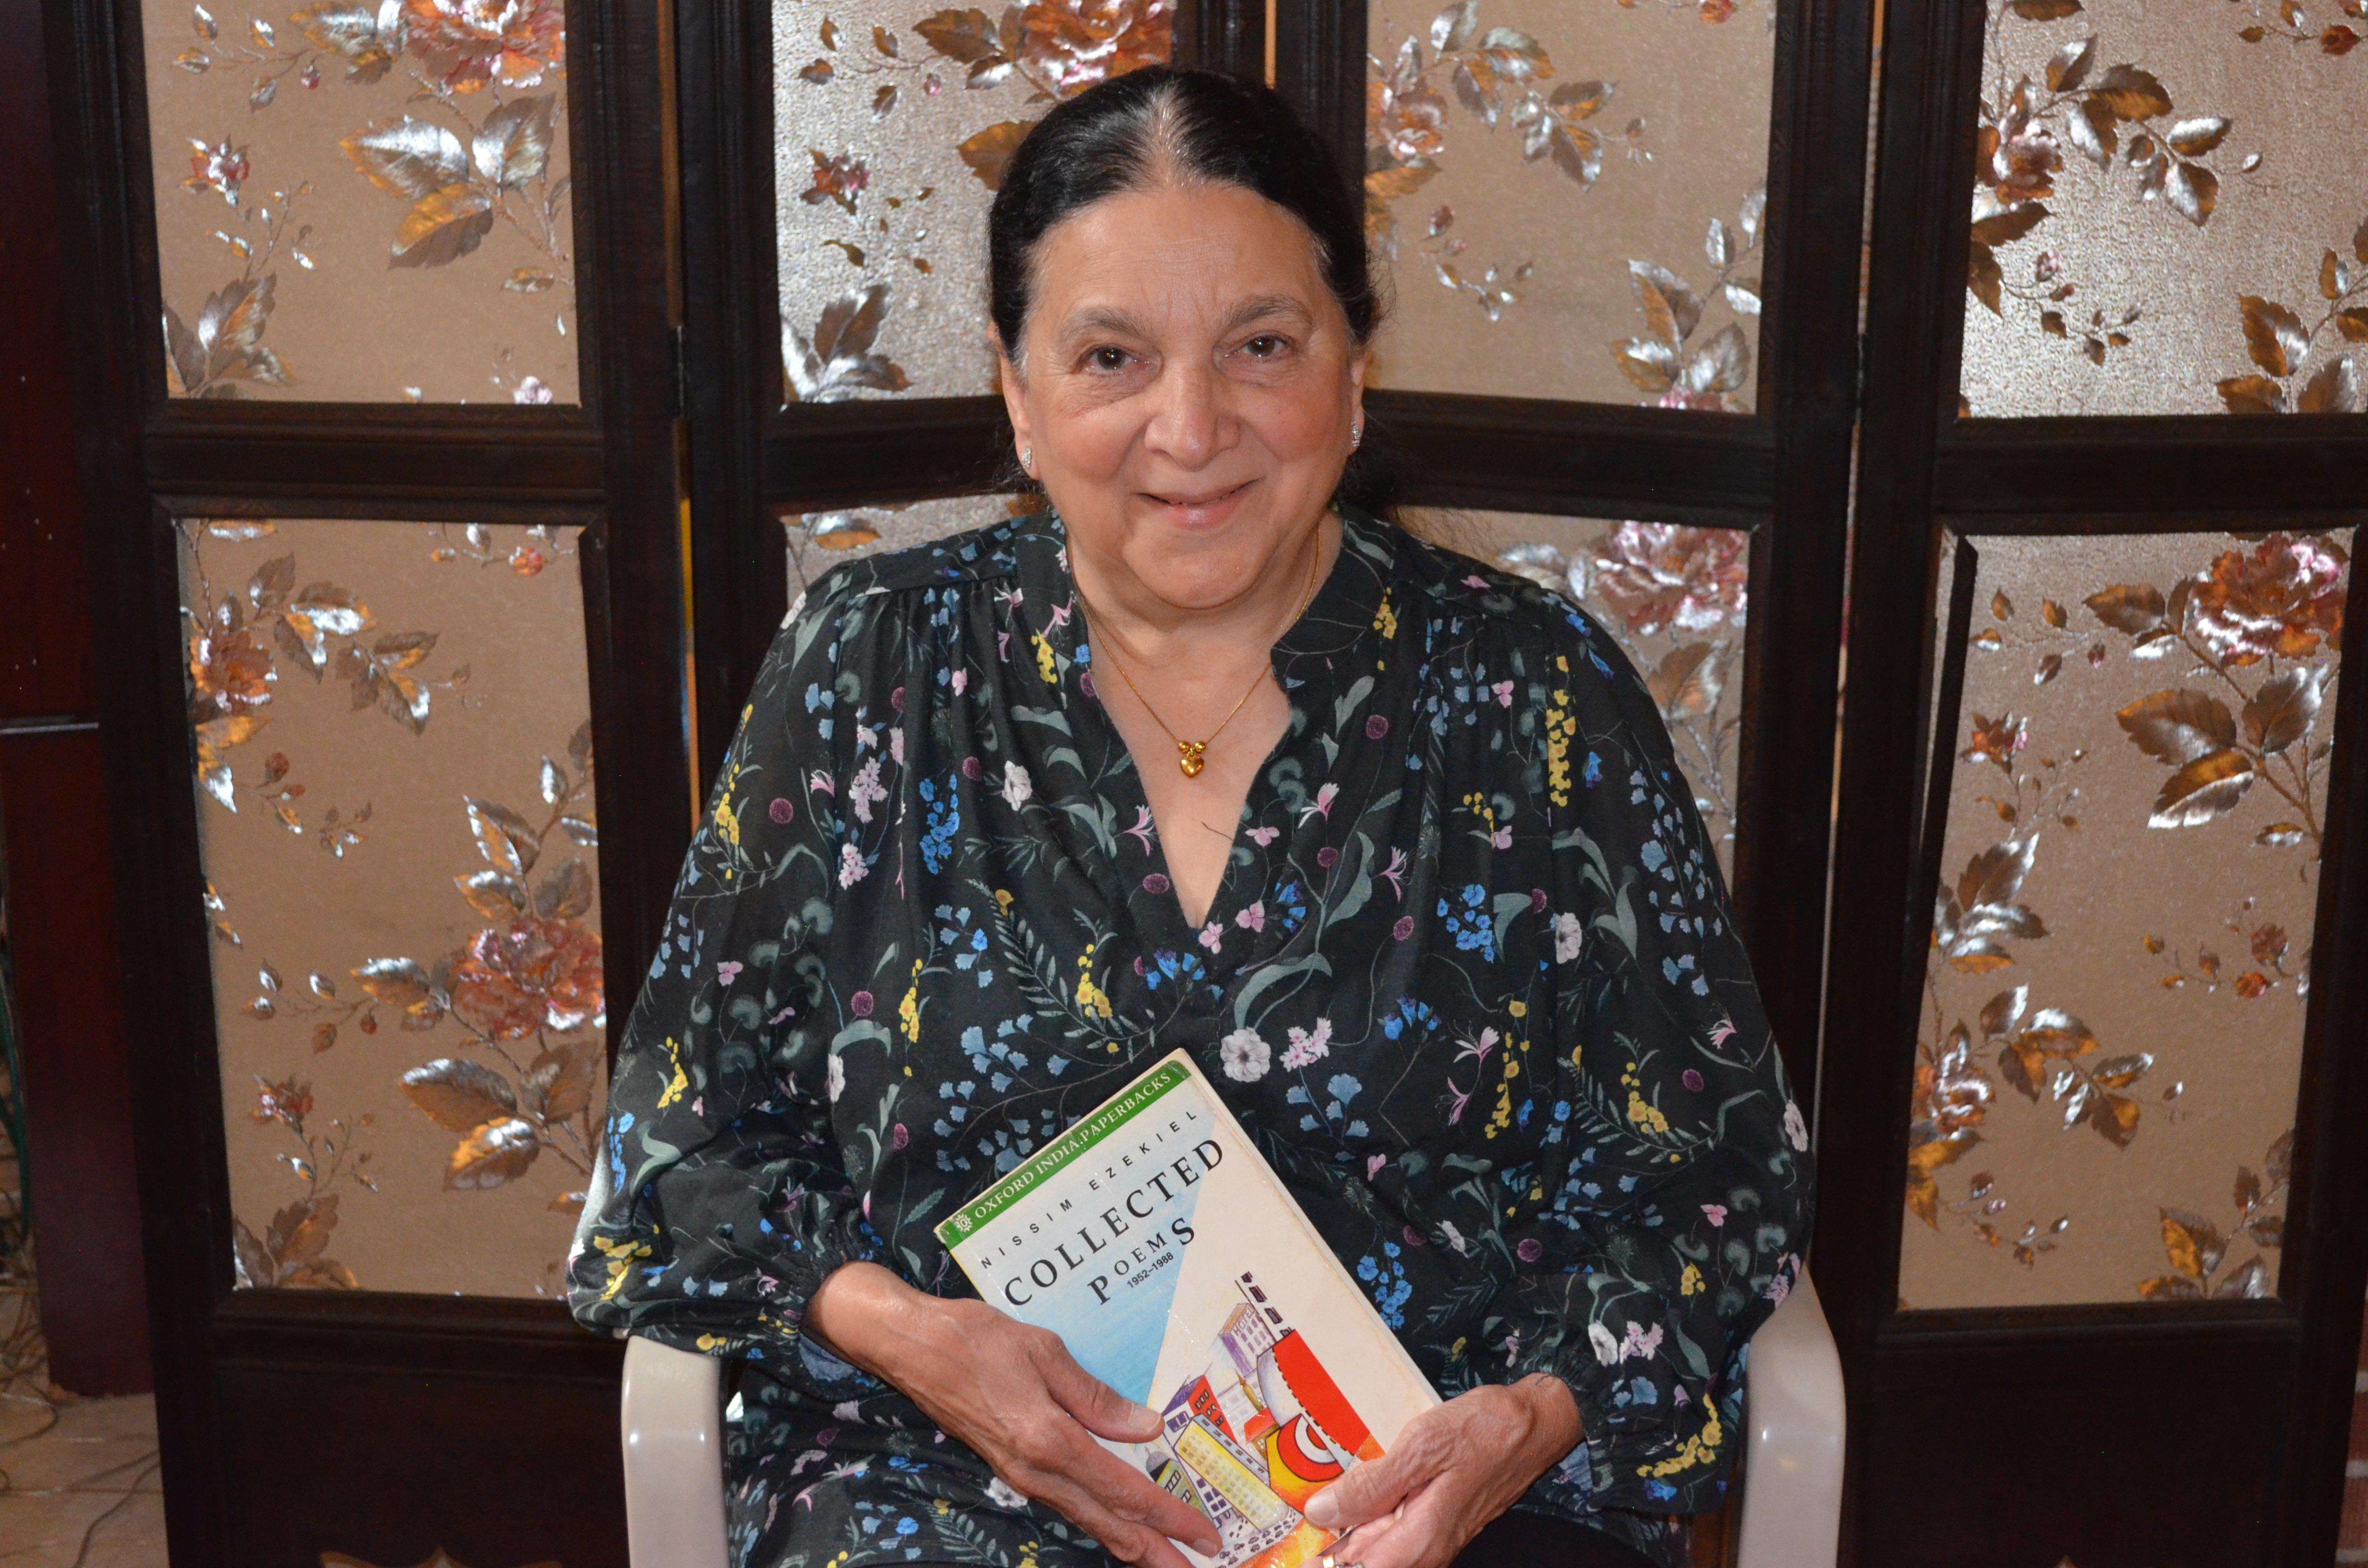 Kavita Ezekiel Mendonca